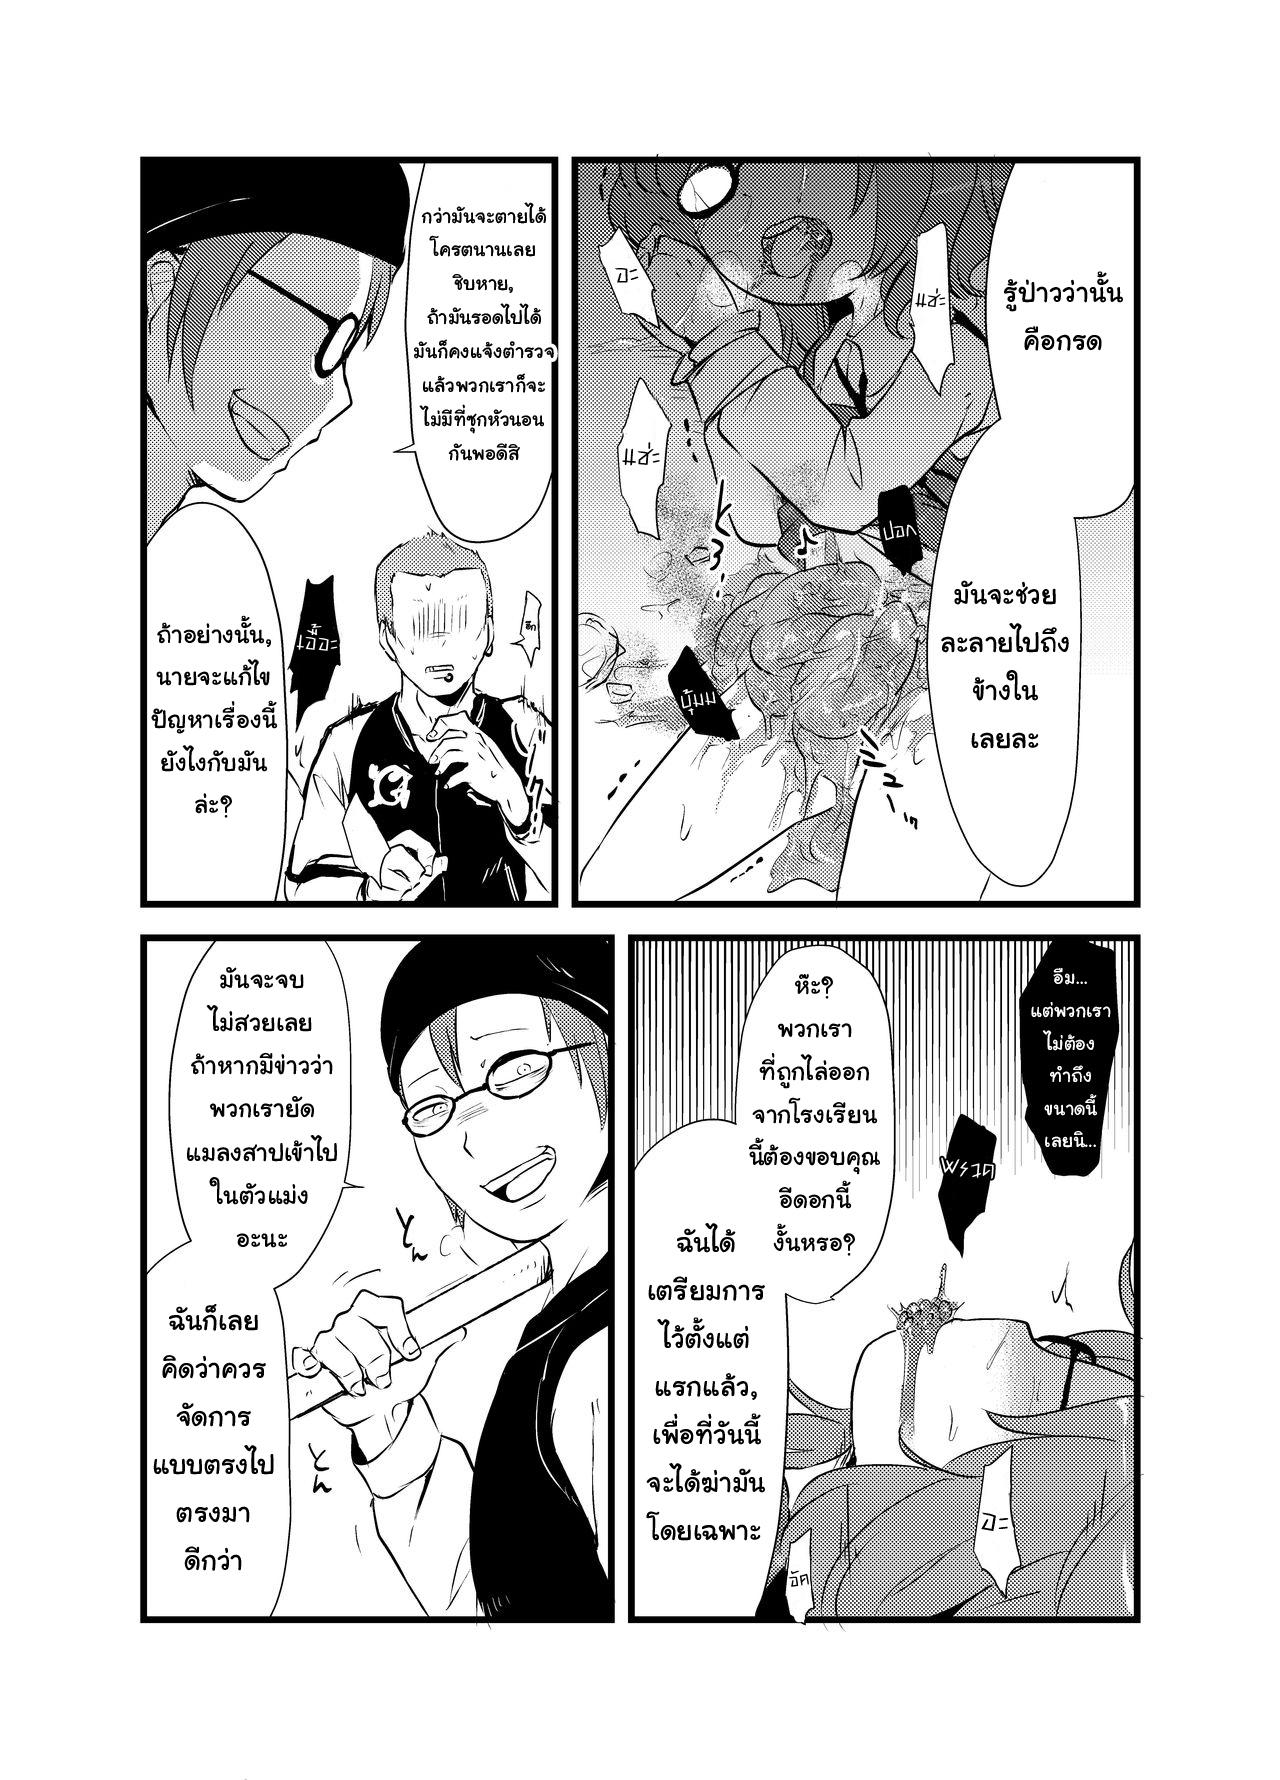 หนังสือวิธียัดแมลงสาปเข้าไปข้างในของซึมิเรโคะจัง ภาพ 23